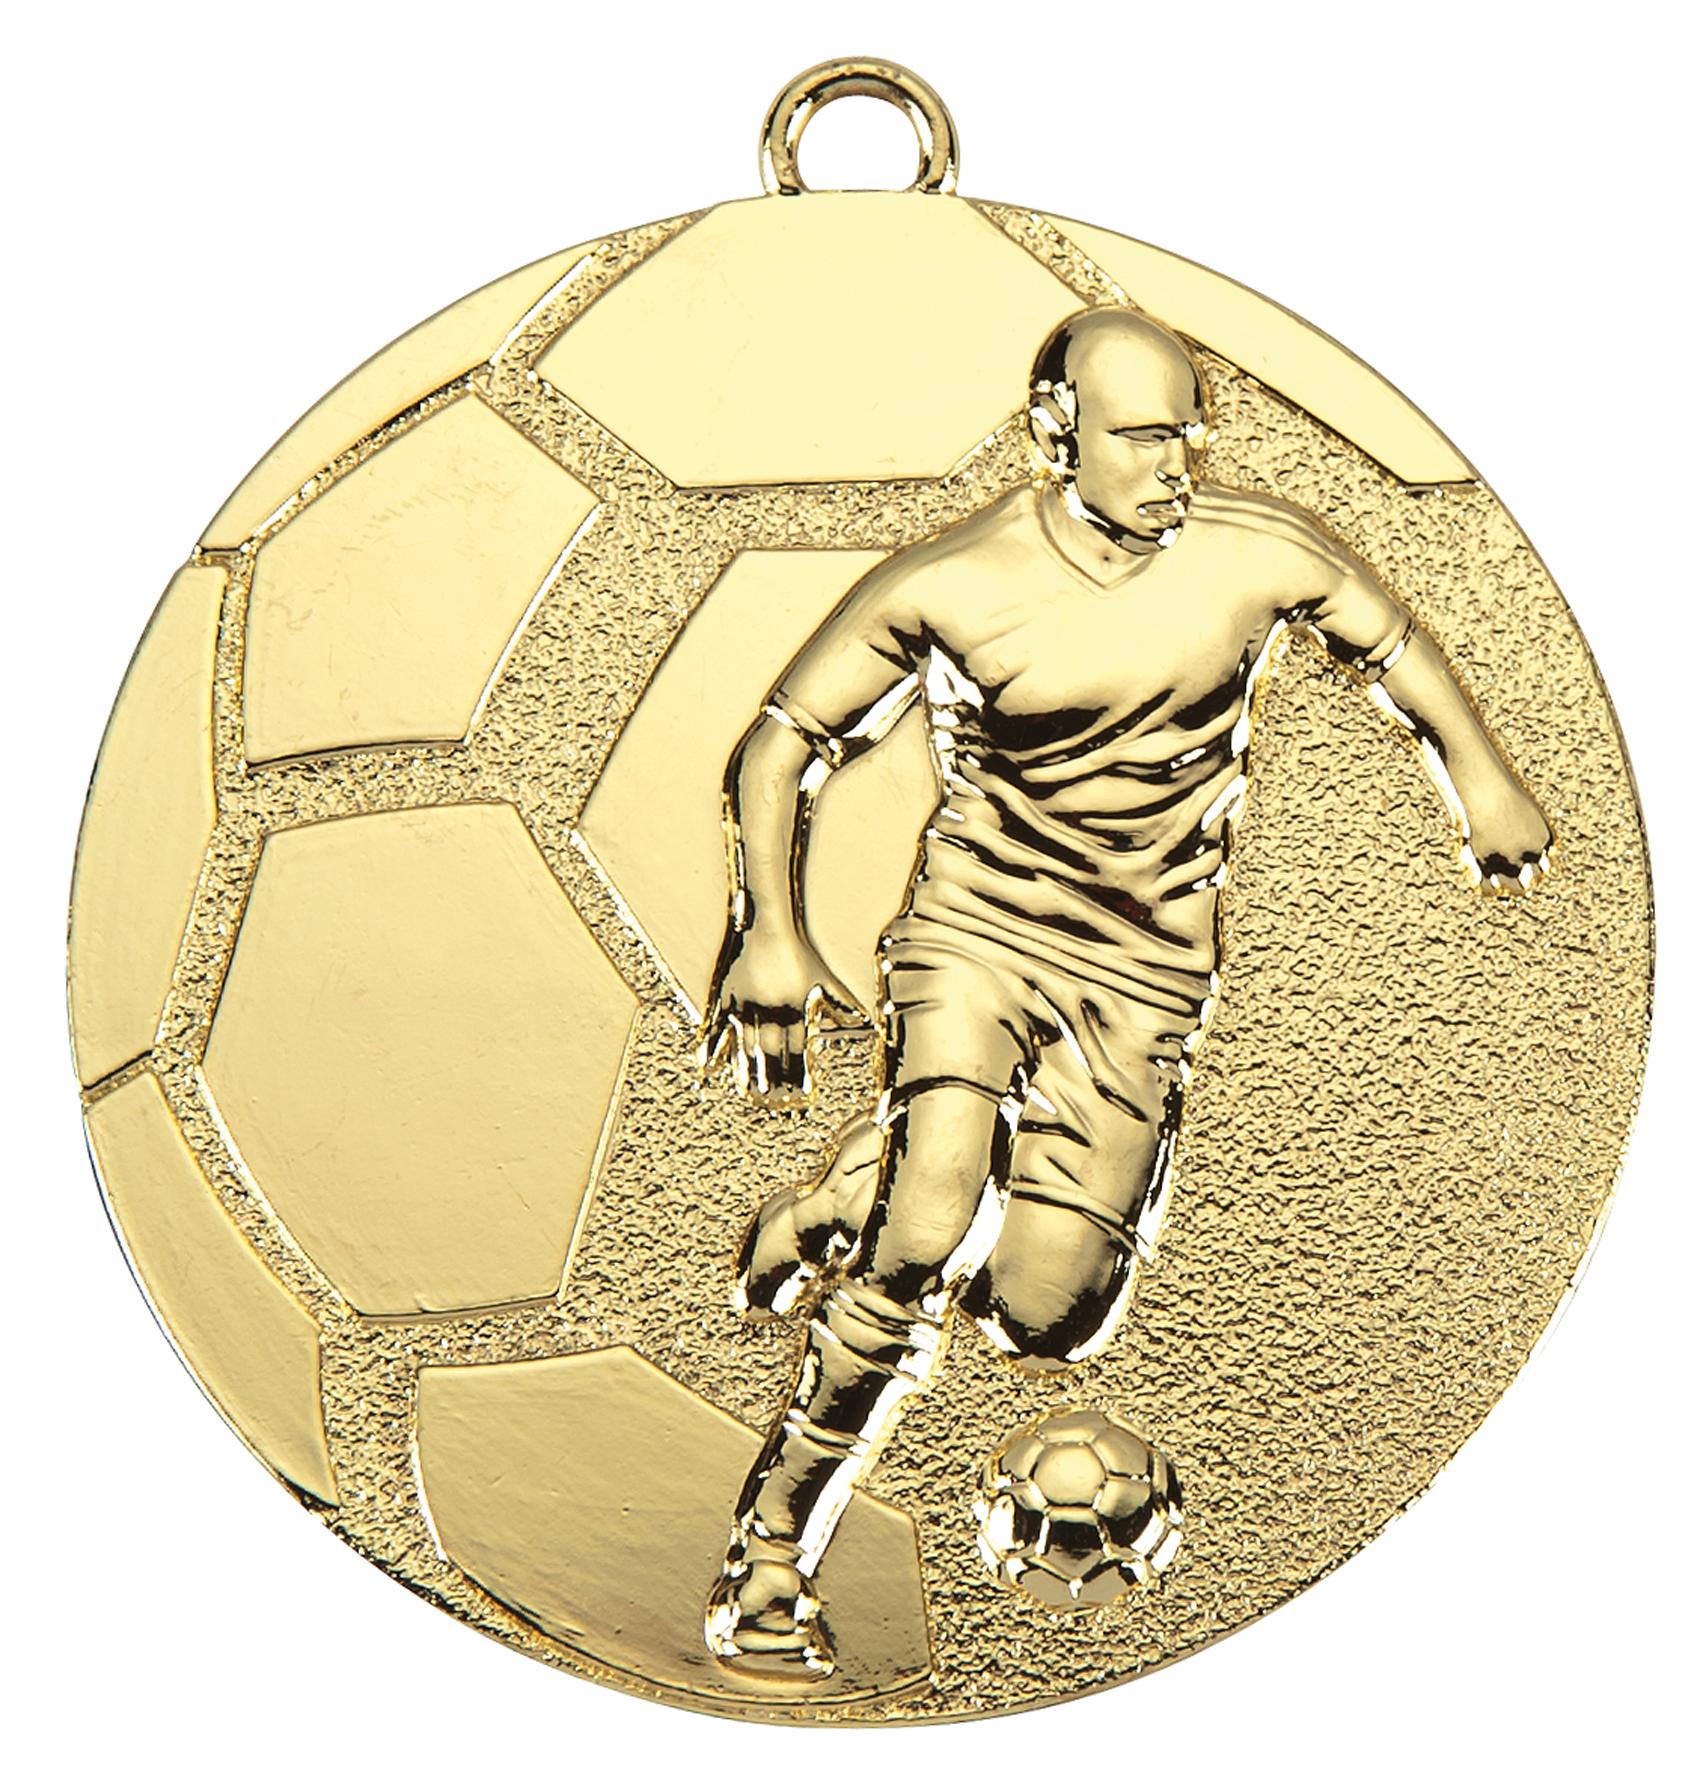 Medaille BM2011